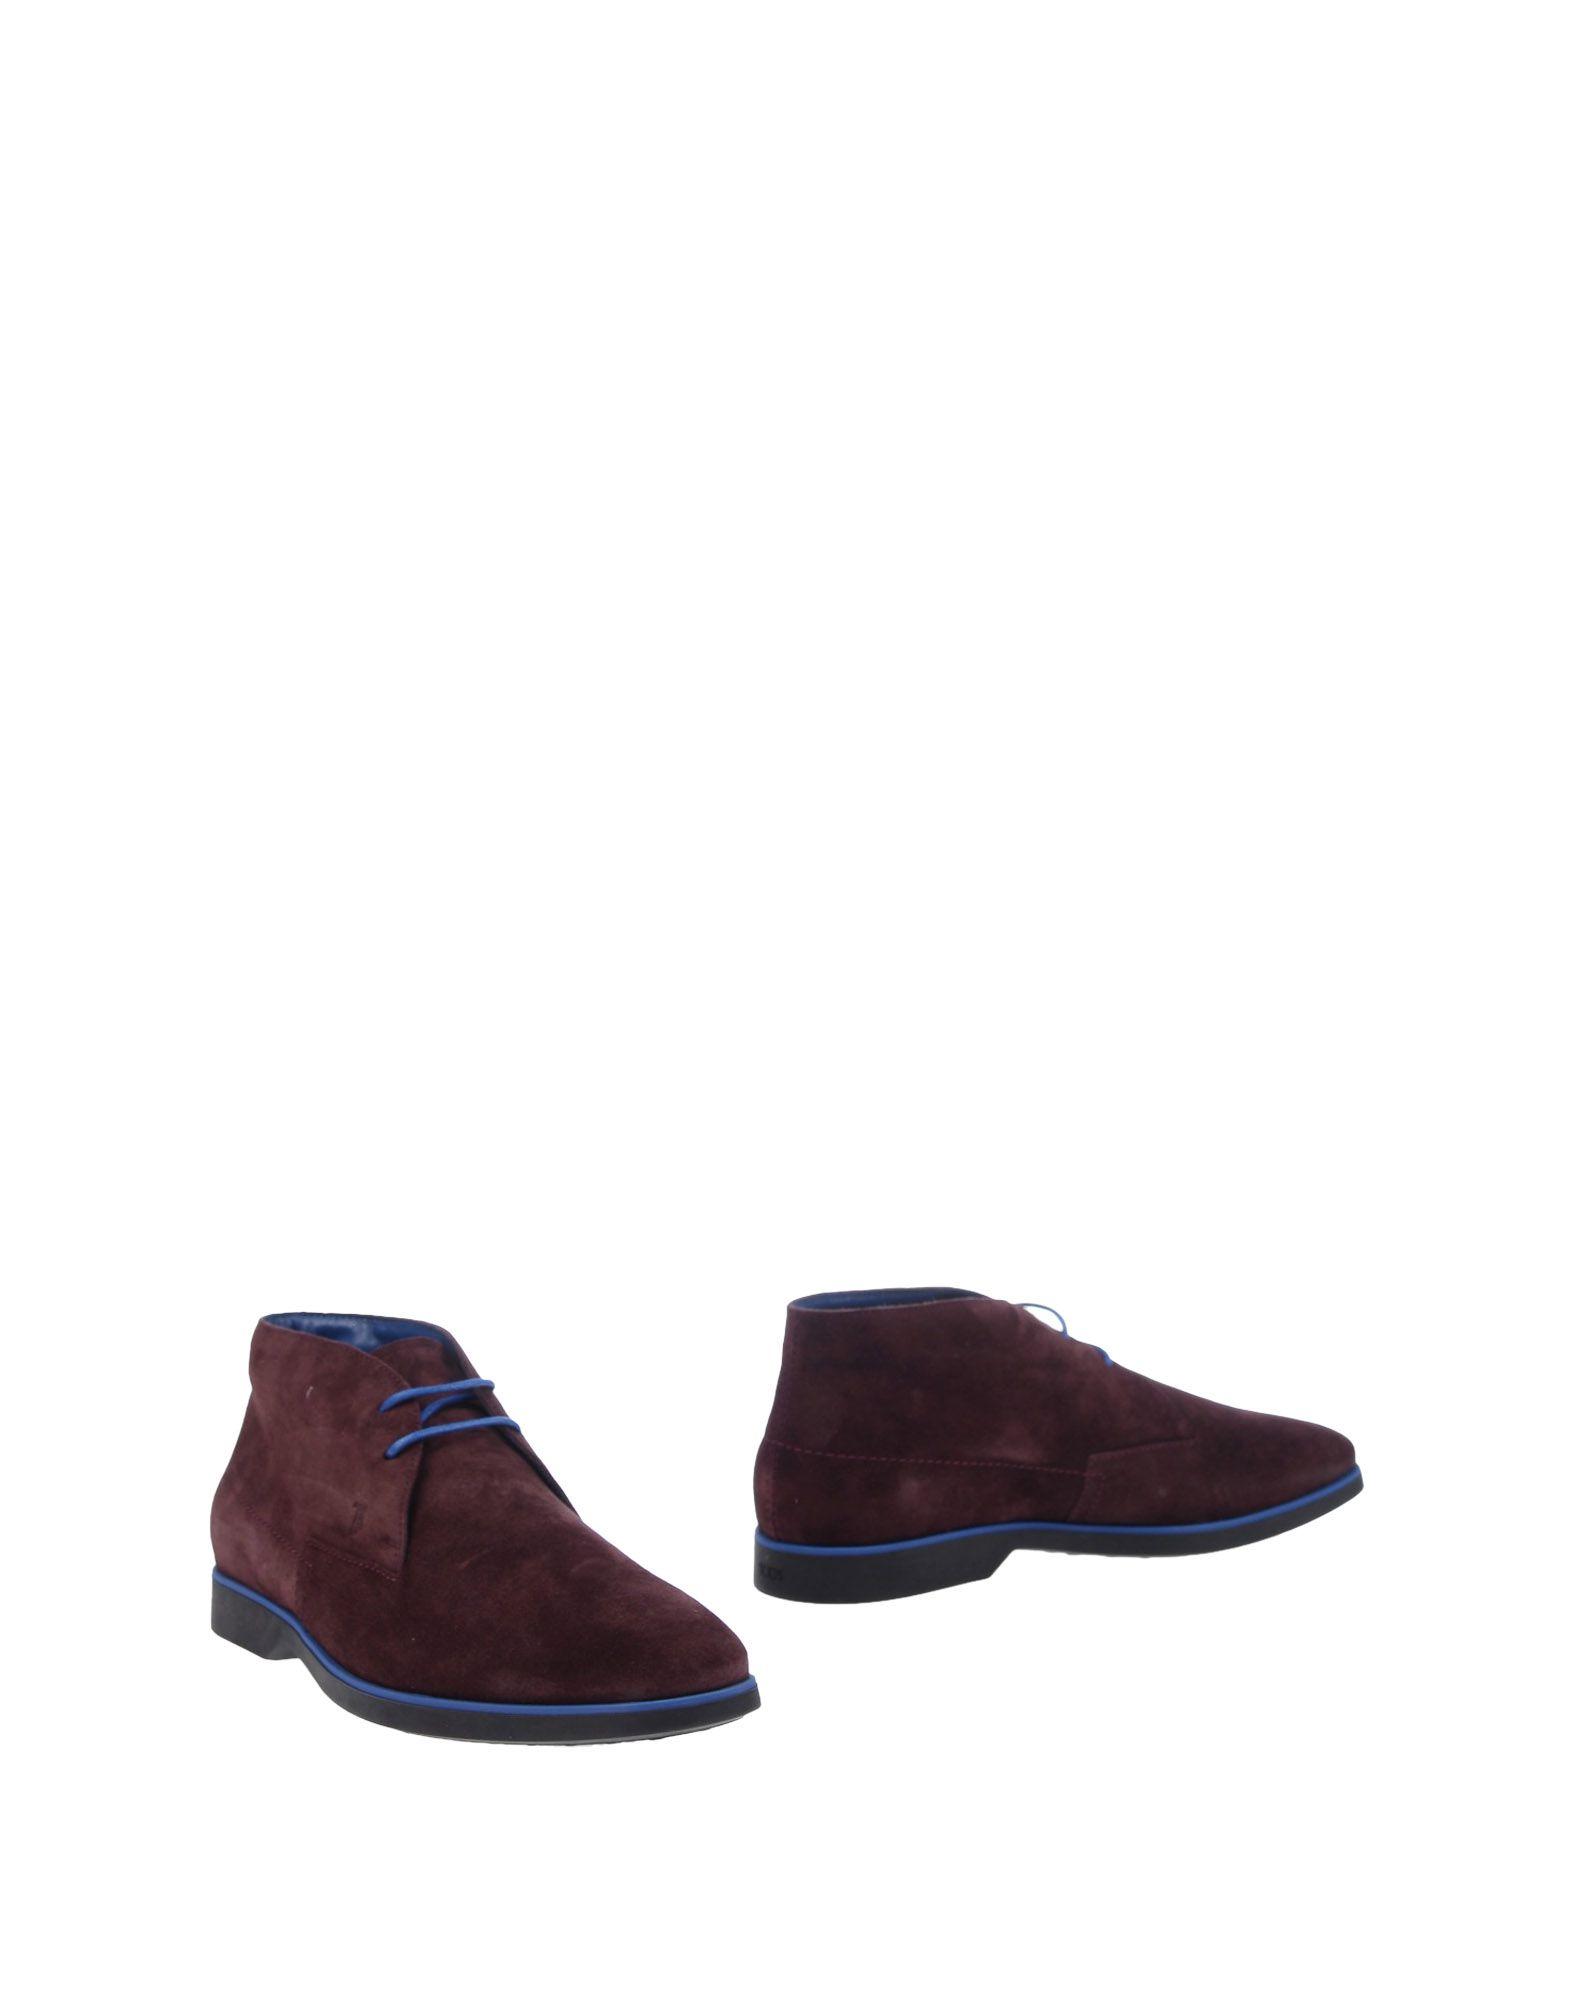 Tod's Stiefelette Herren  11300203WF Schuhe Gute Qualität beliebte Schuhe 11300203WF 938f48